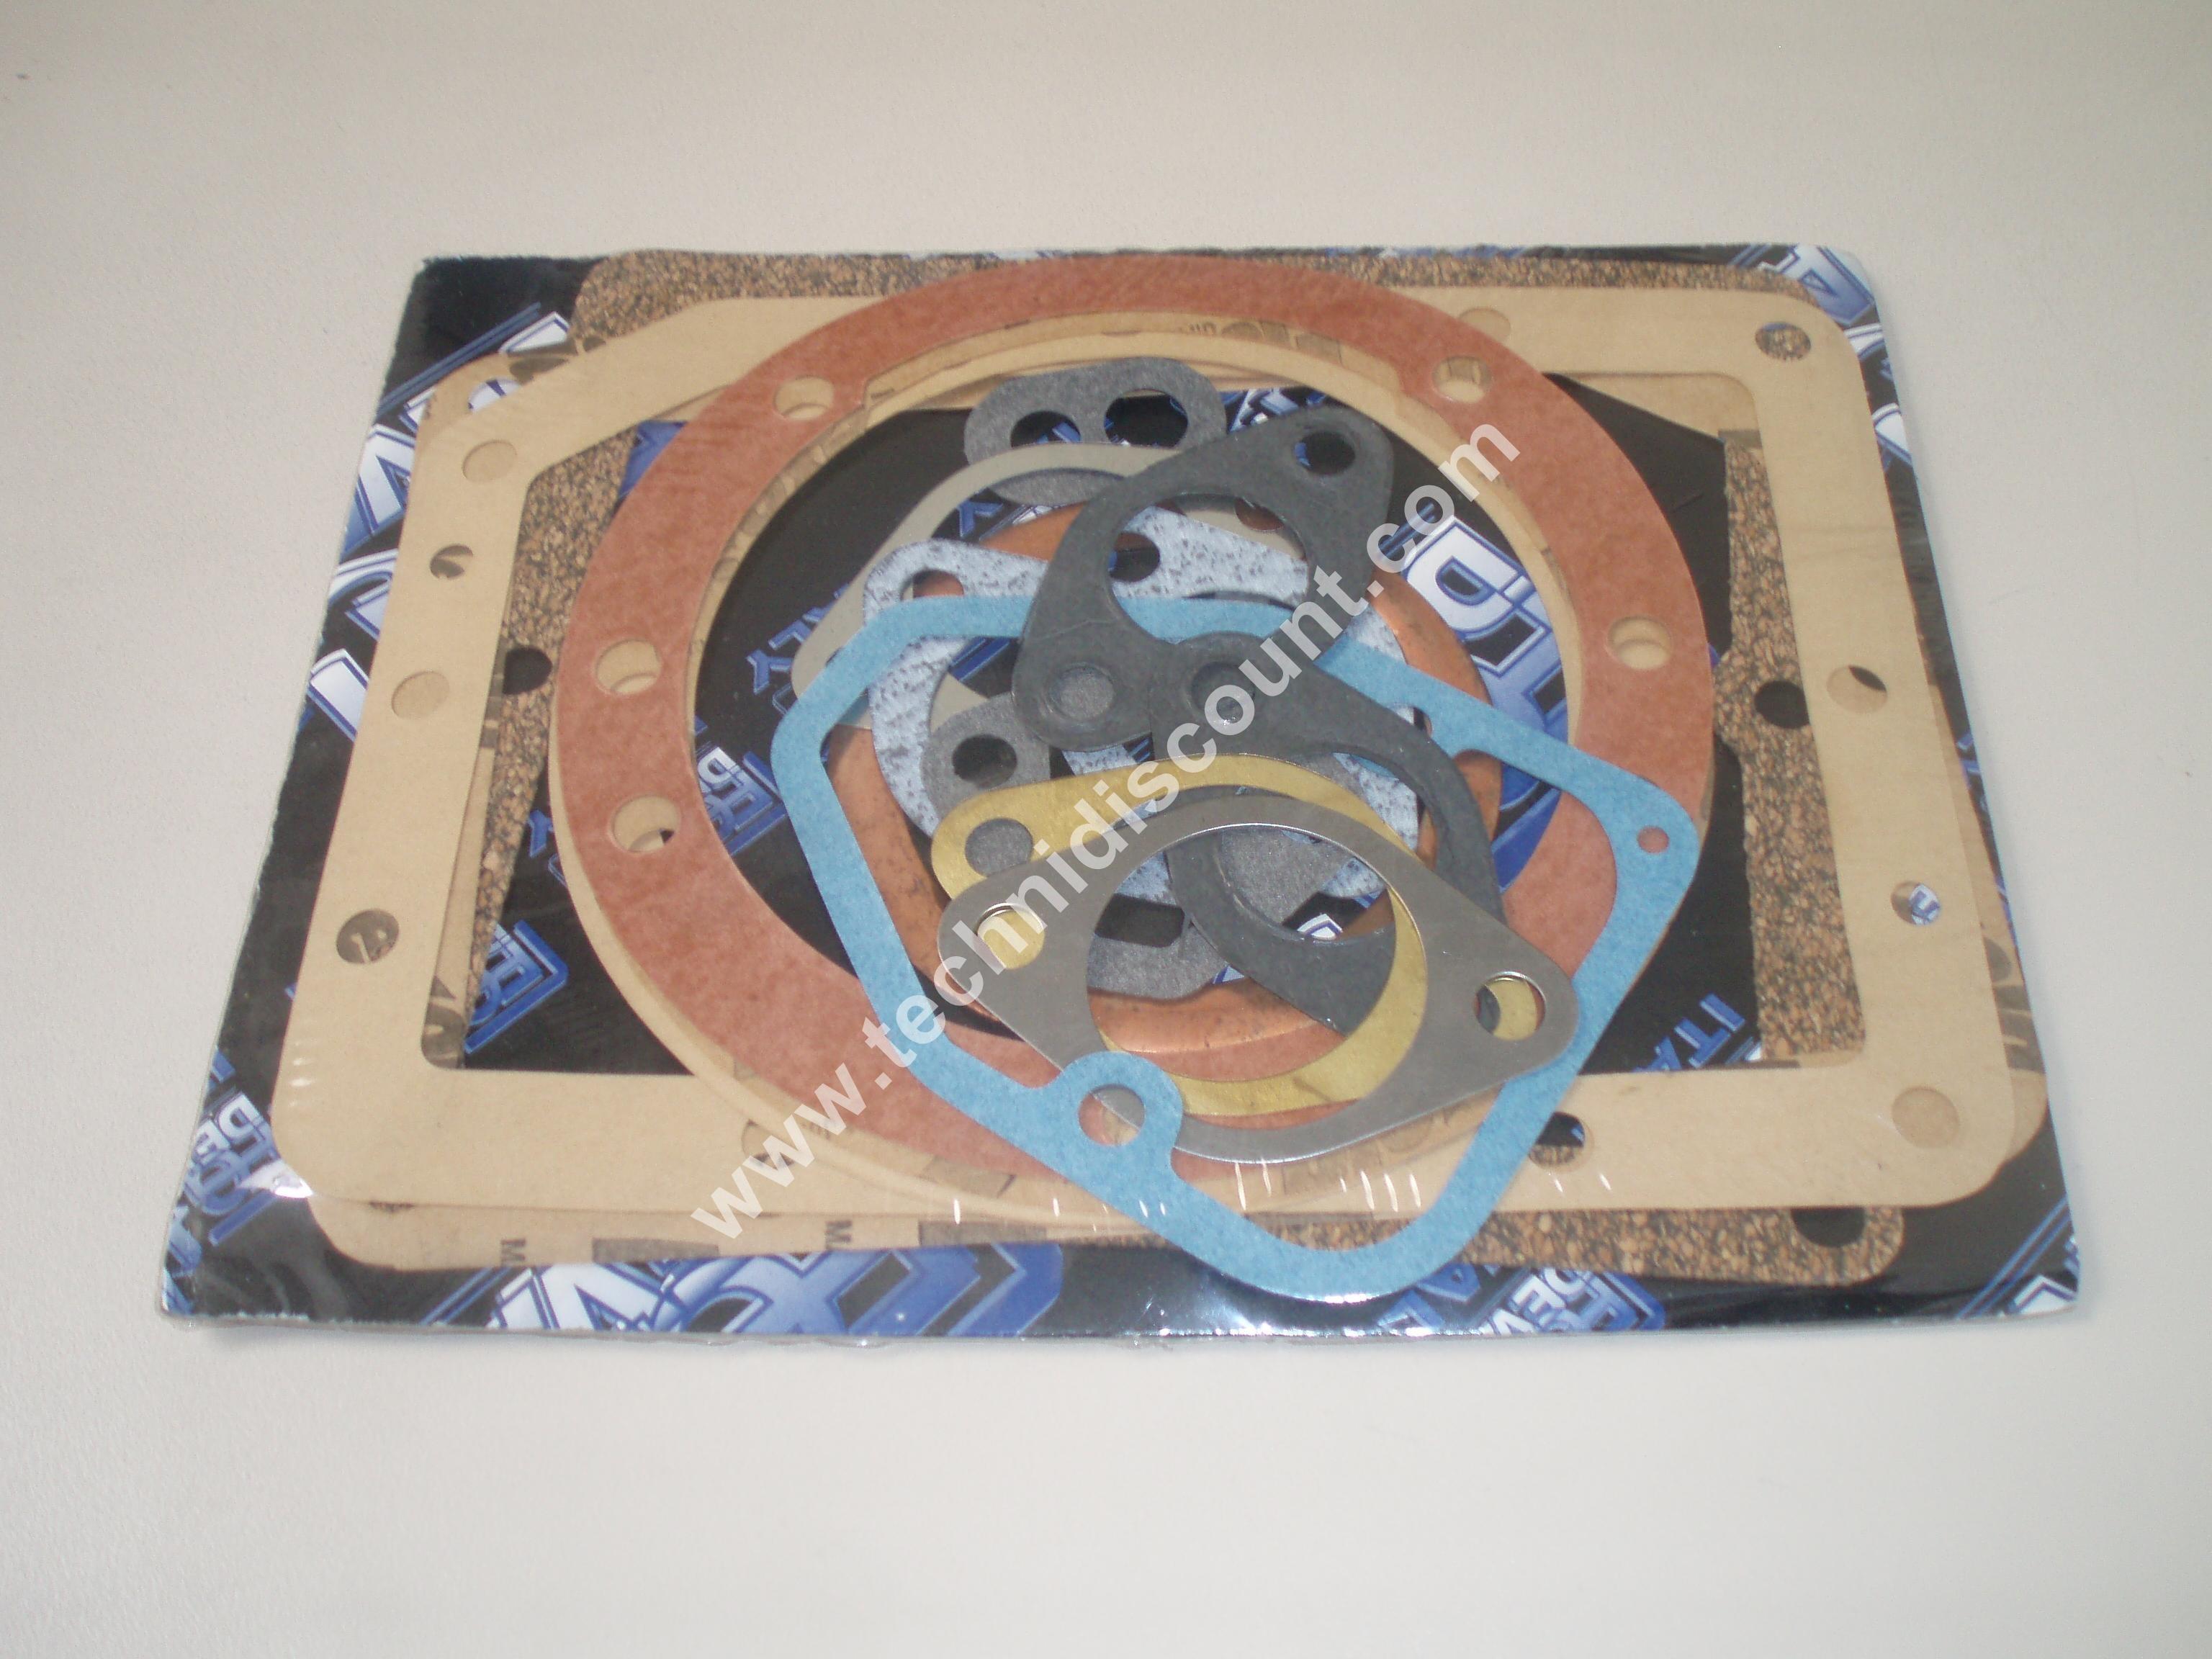 Pochette Joints LDA500 6LD260 LOMBARDINI 8205092 / ED0082050920-S / FG4750900009